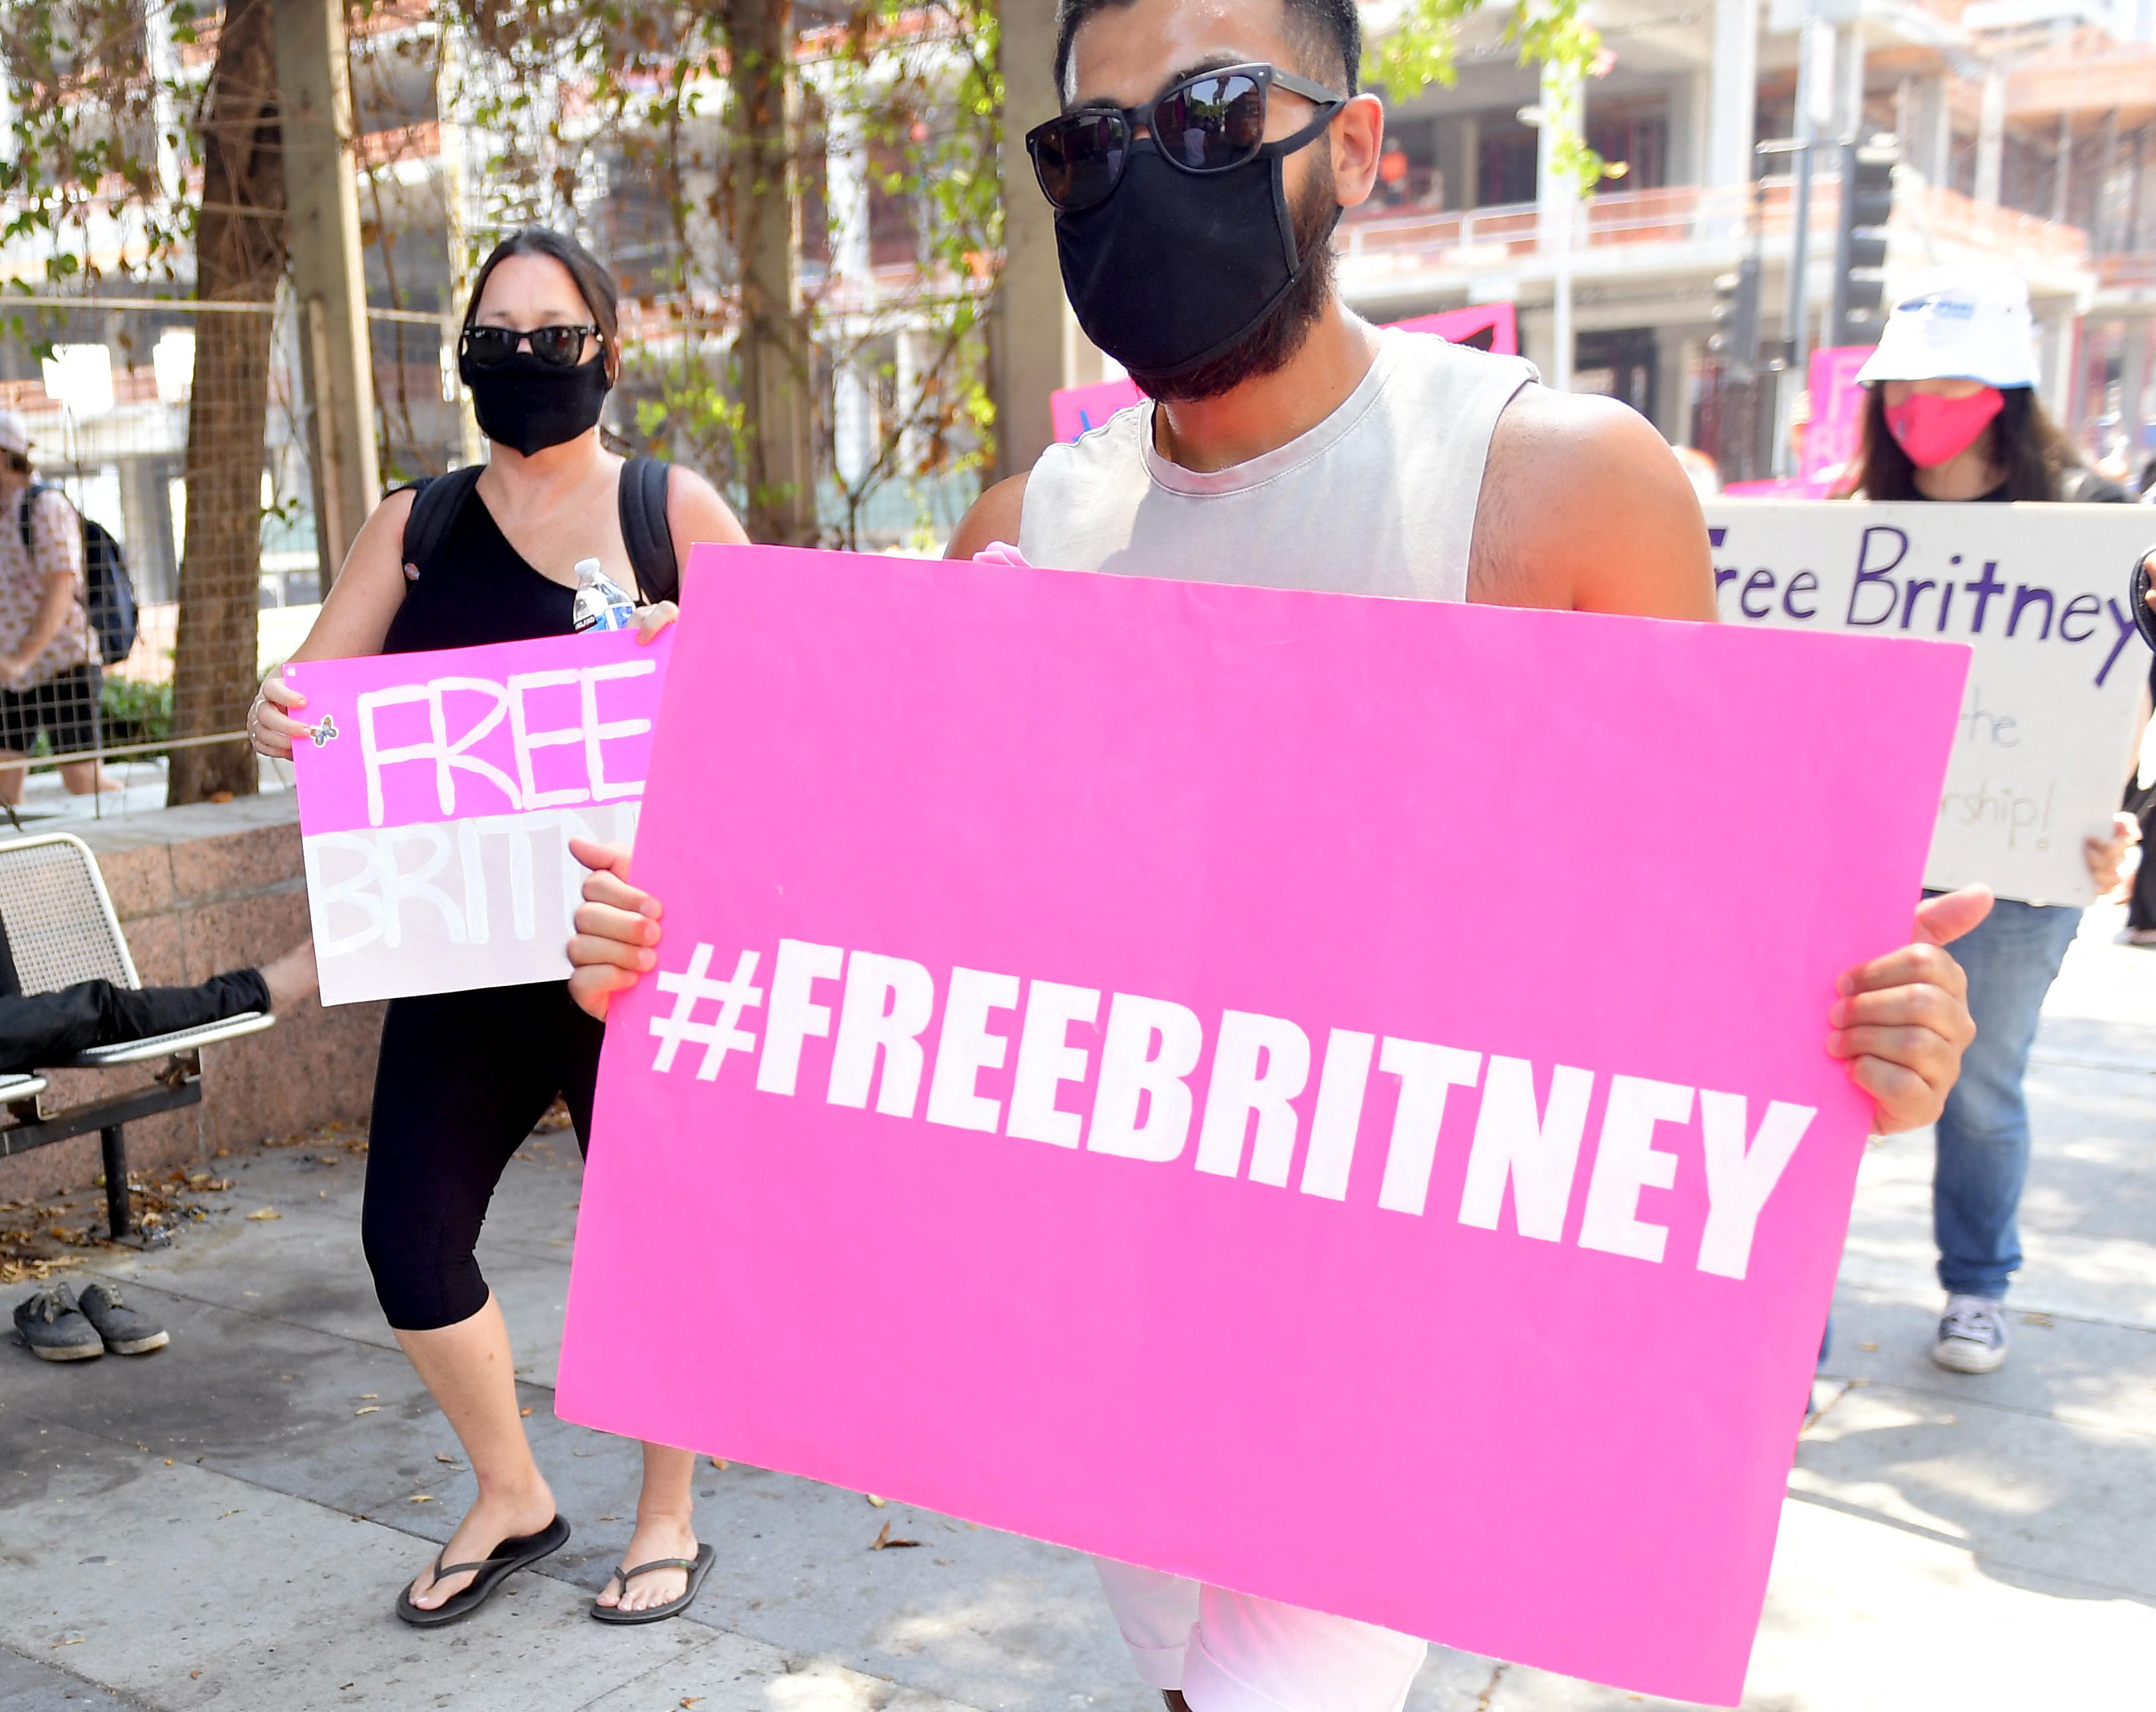 Britney Spears apja állítólag csak milliókért cserébe hajlandó lemondani a gondnokságról